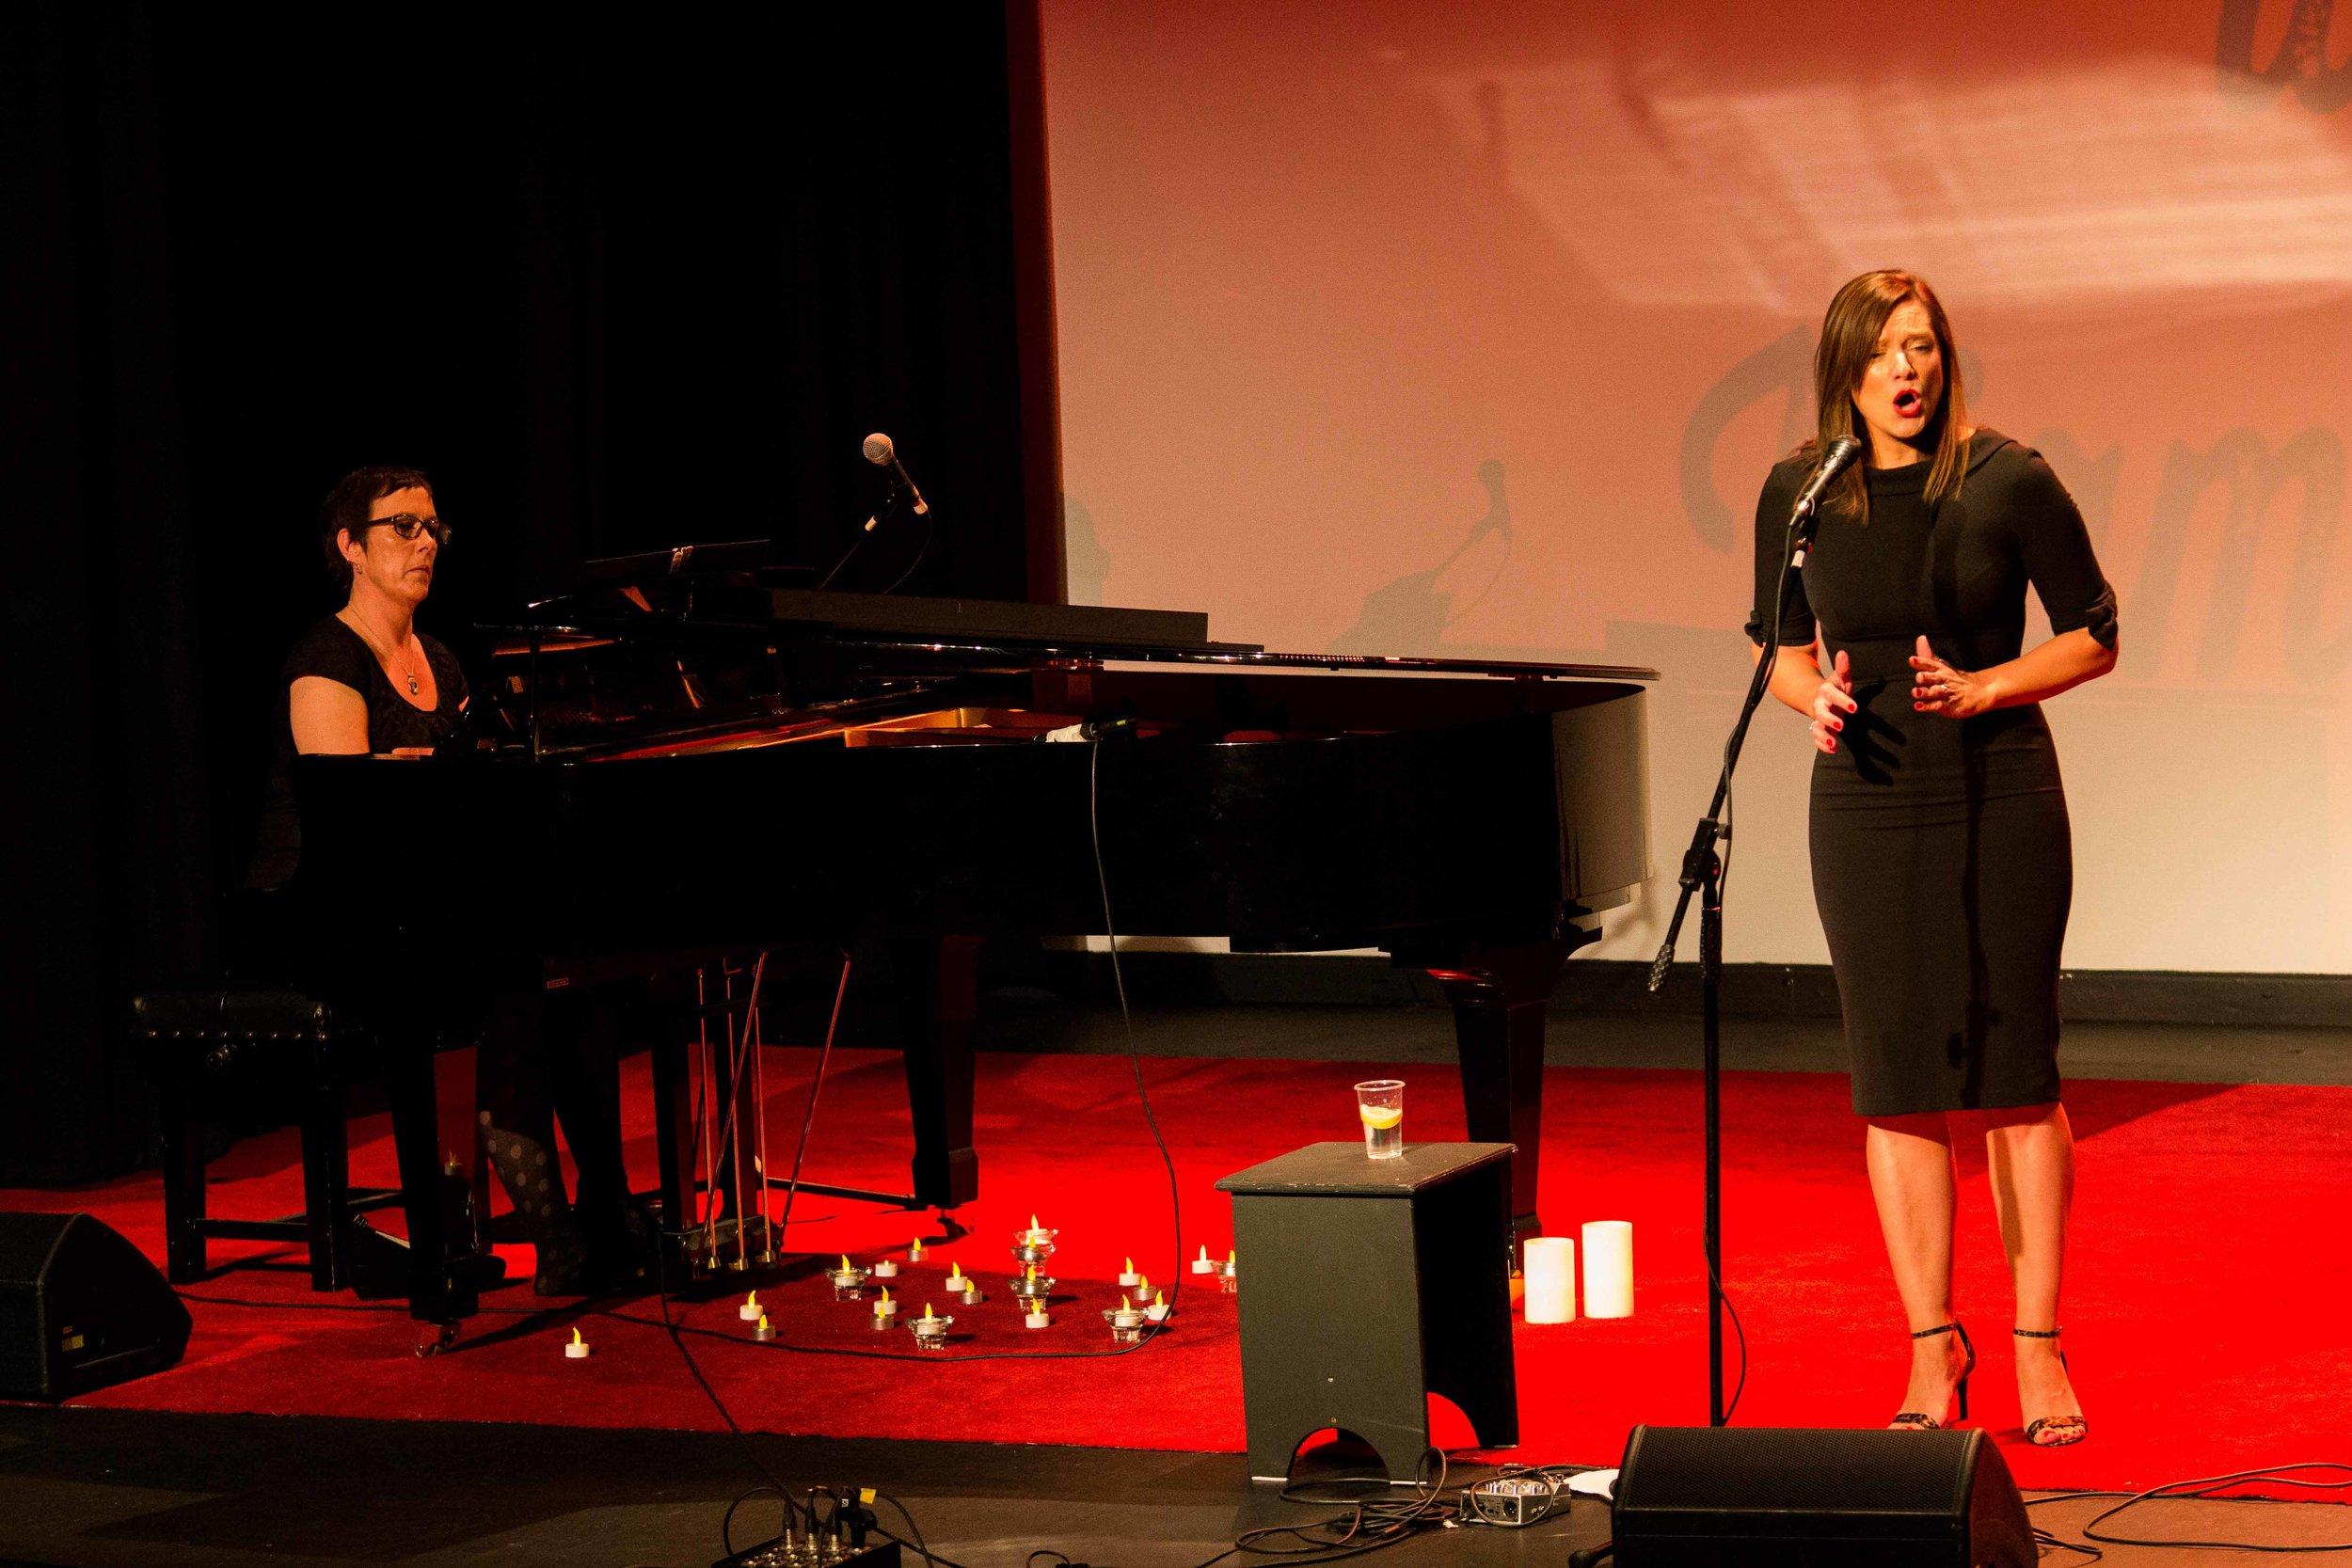 Allingham Festival Concert 2016 - Abbey Arts Centre, Ballyshannon - Nov. 5th 2016-123.jpg